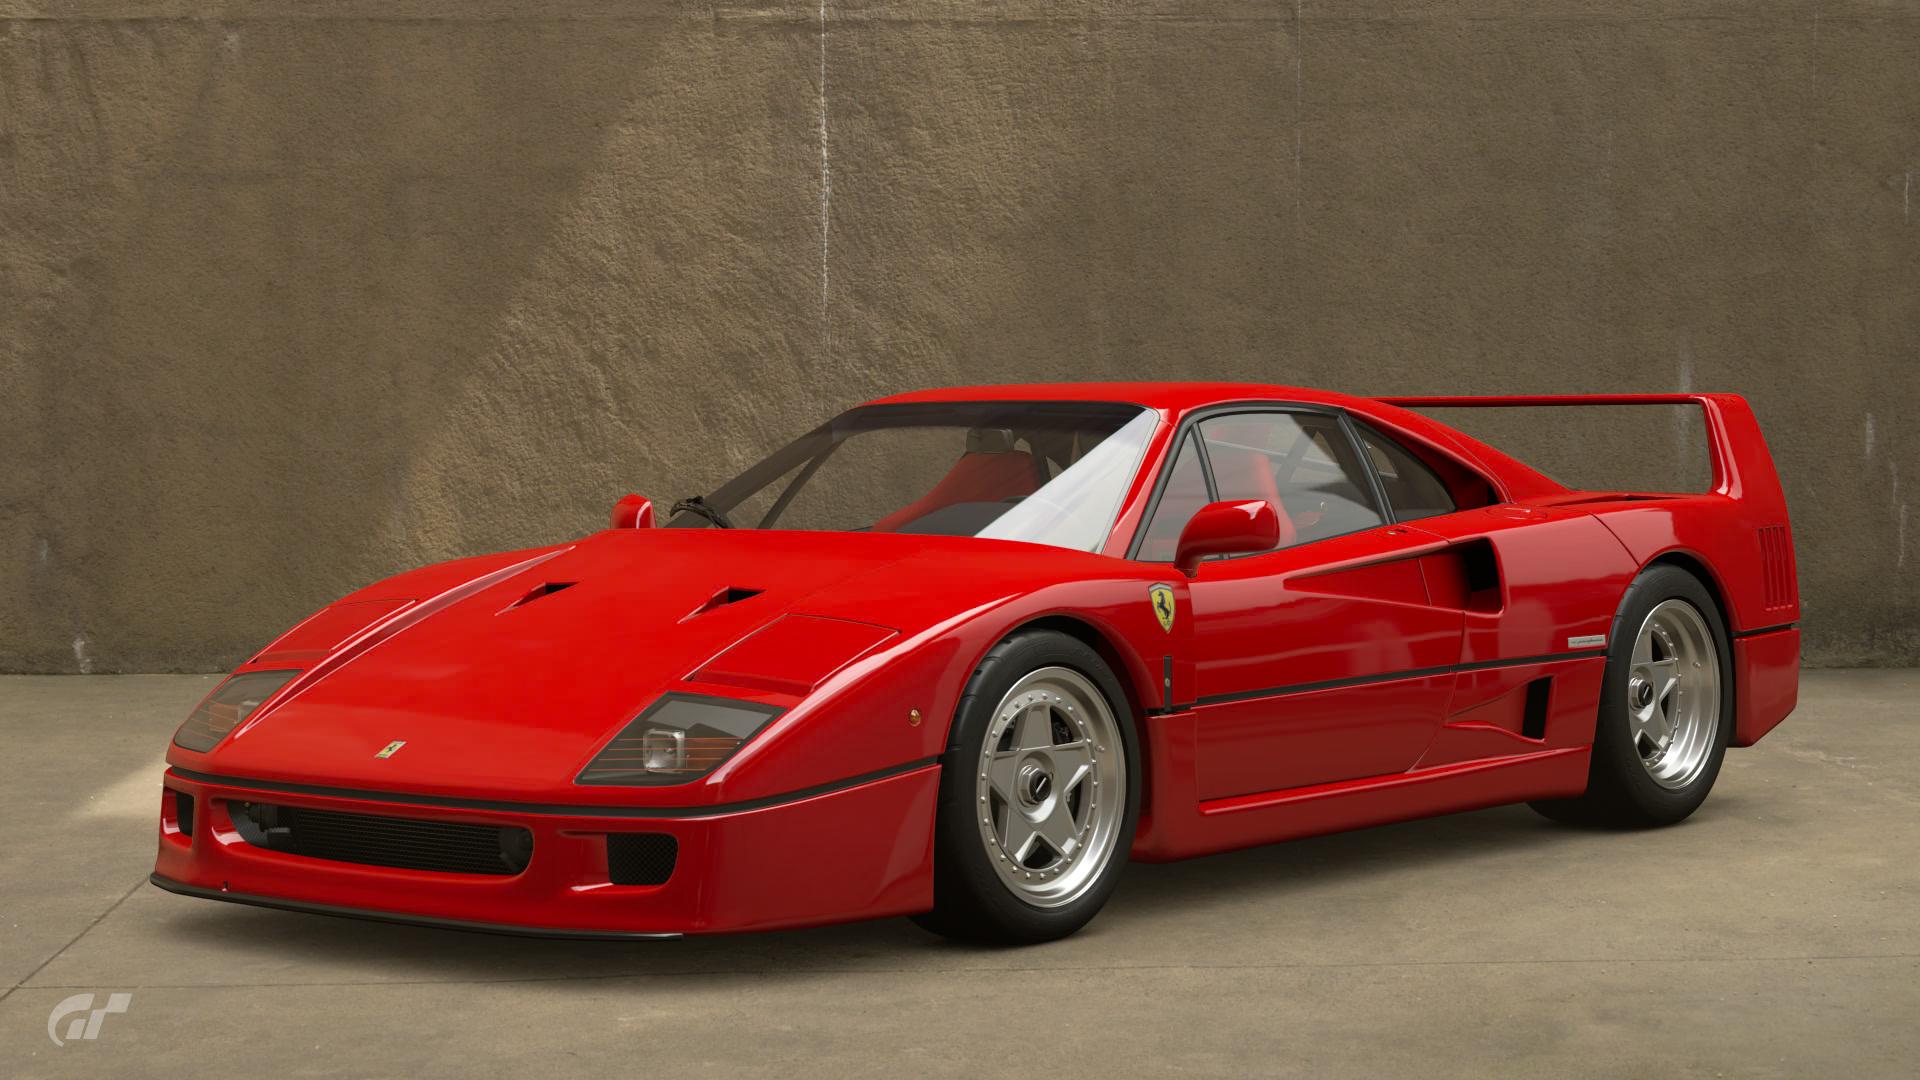 Ferrari F40 92 Gran Turismo Wiki Fandom